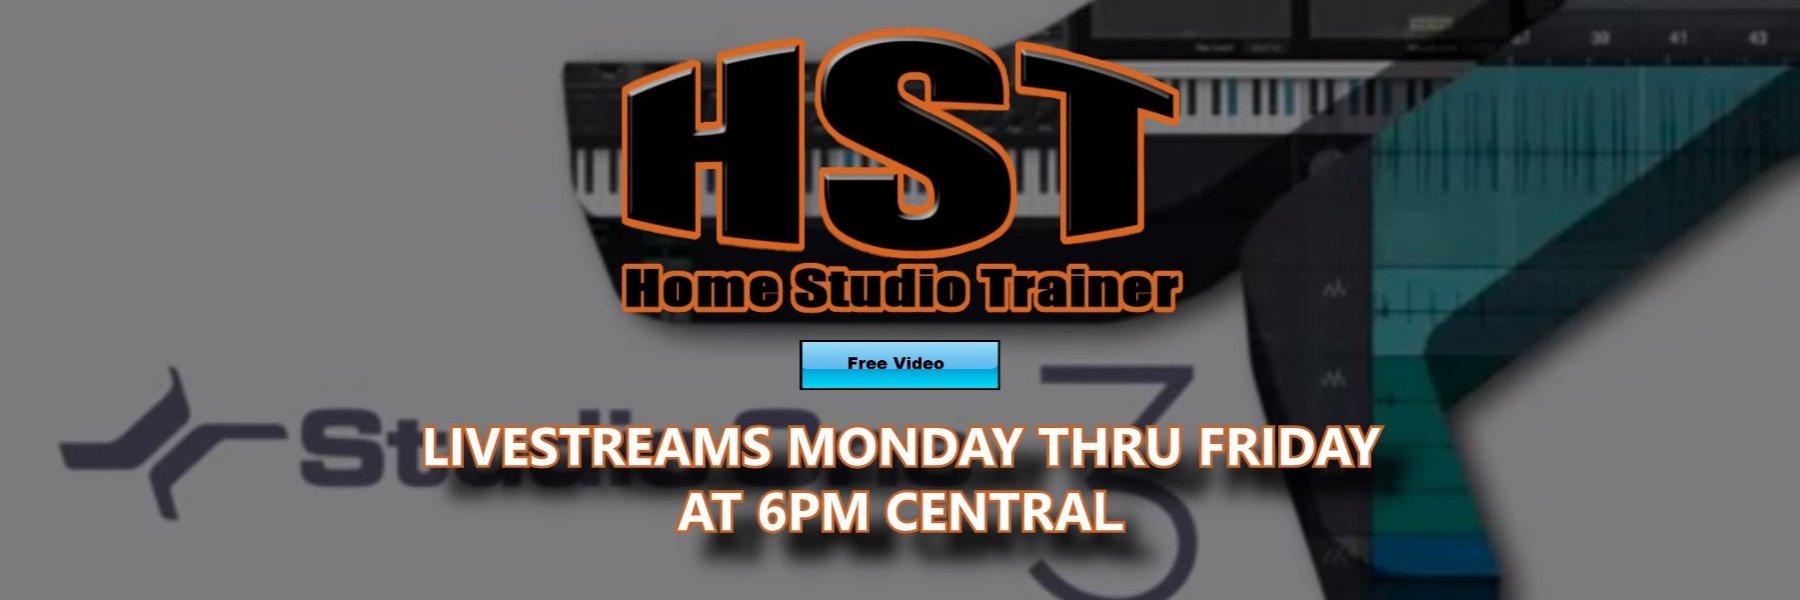 Studio One 3 Videos